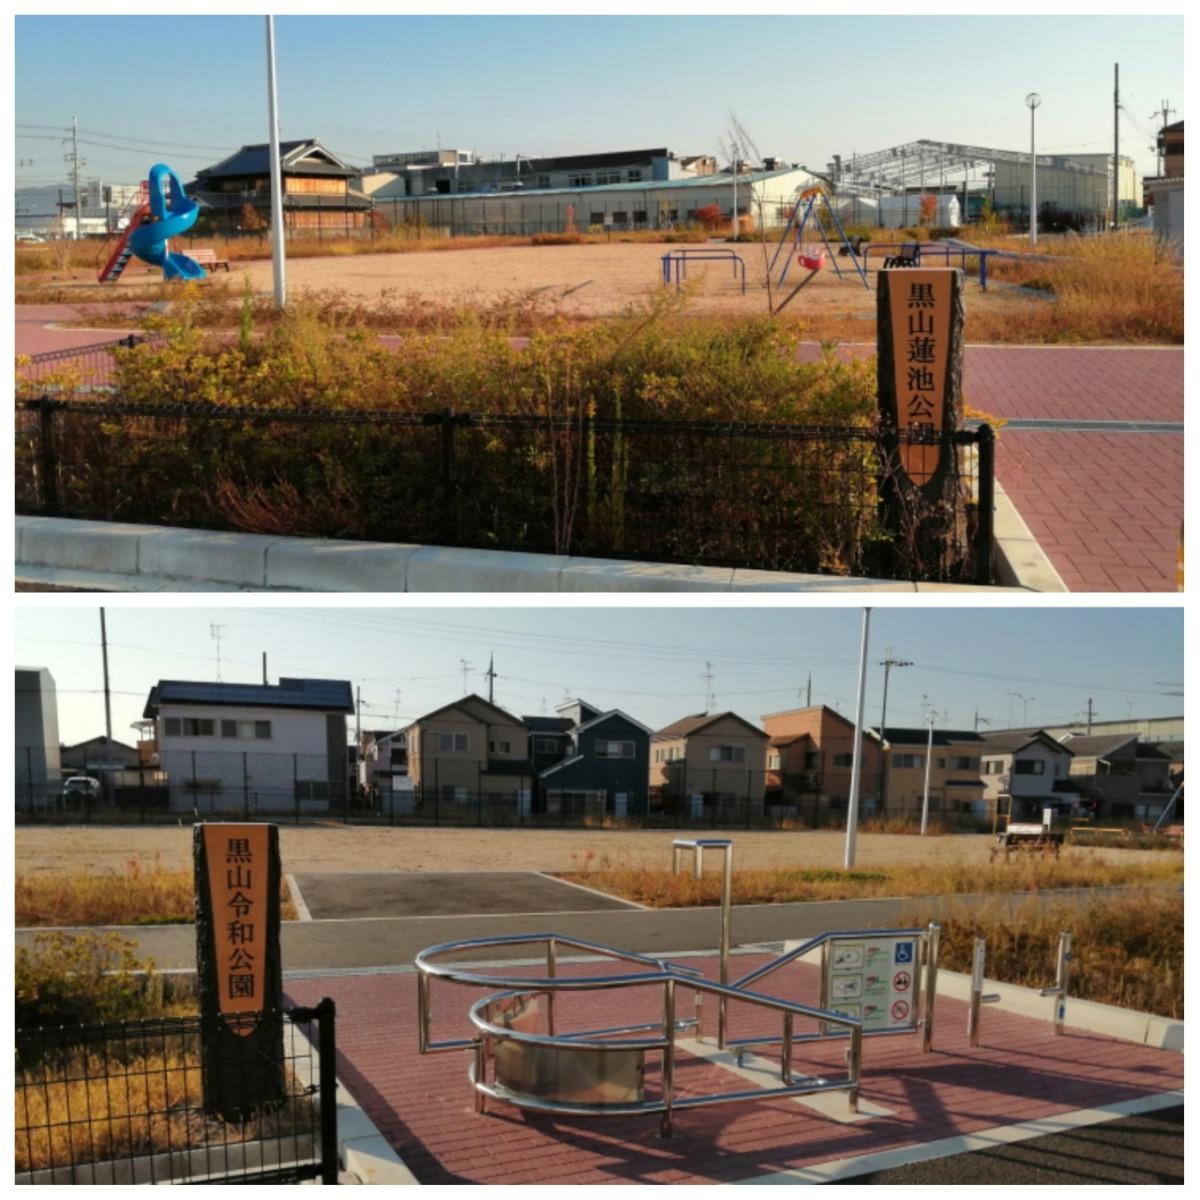 【2020.8/21新設☆】堺市美原区・子供から大人まで楽しめるみんなの公園『黒山蓮池公園』と『黒山令和公園』が利用可能になったよ♪: